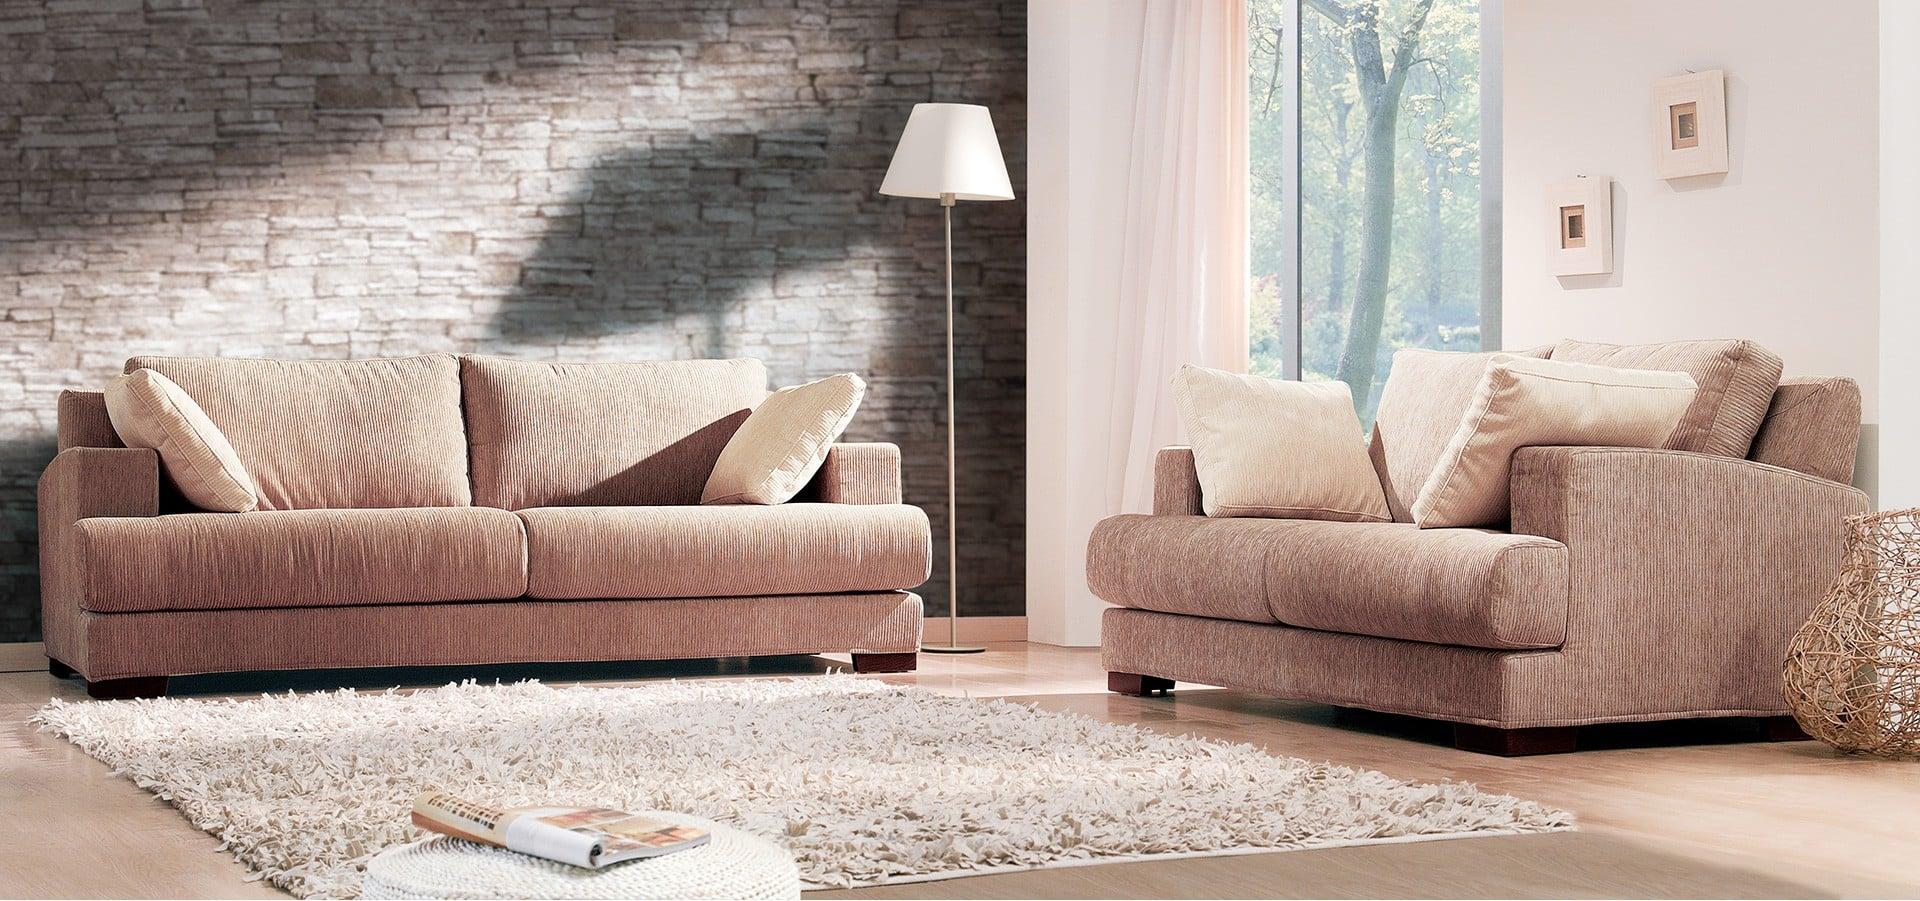 divani artigianali e di qualità a caravaggio provincia di bergamo